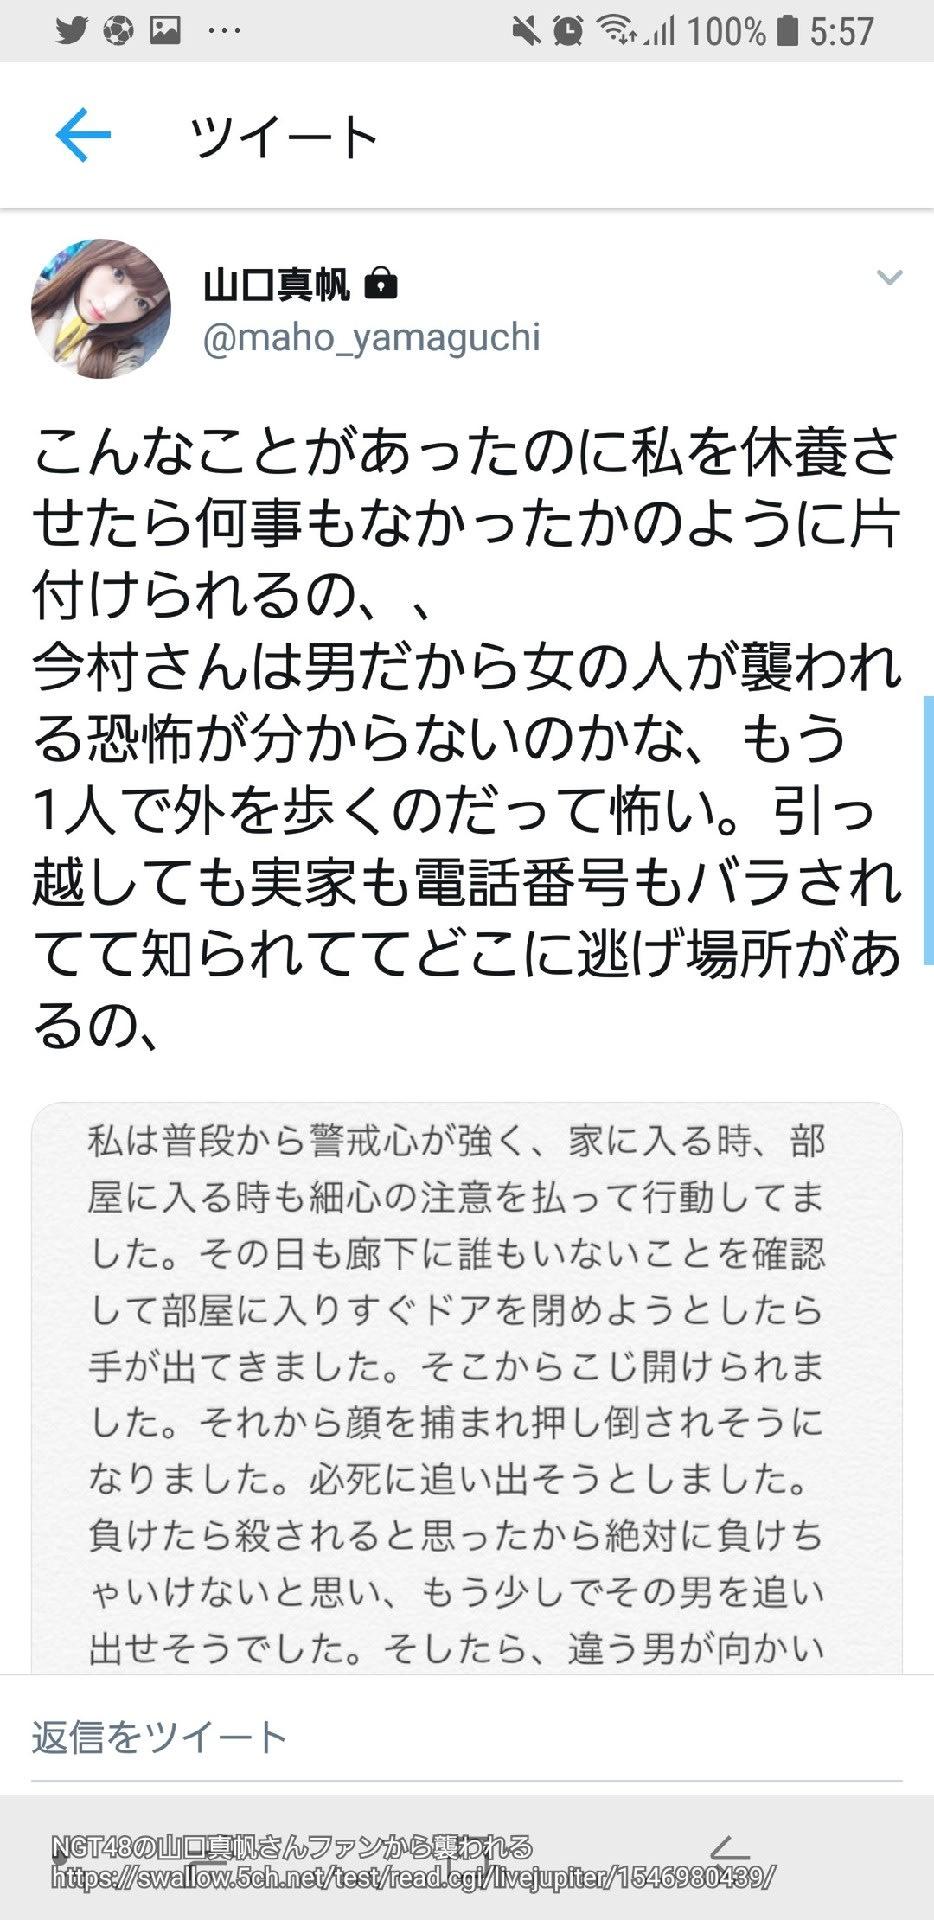 https://blogimg.goo.ne.jp/user_image/05/27/ec3a839a818e24bba5f0d3d947169b77.jpg